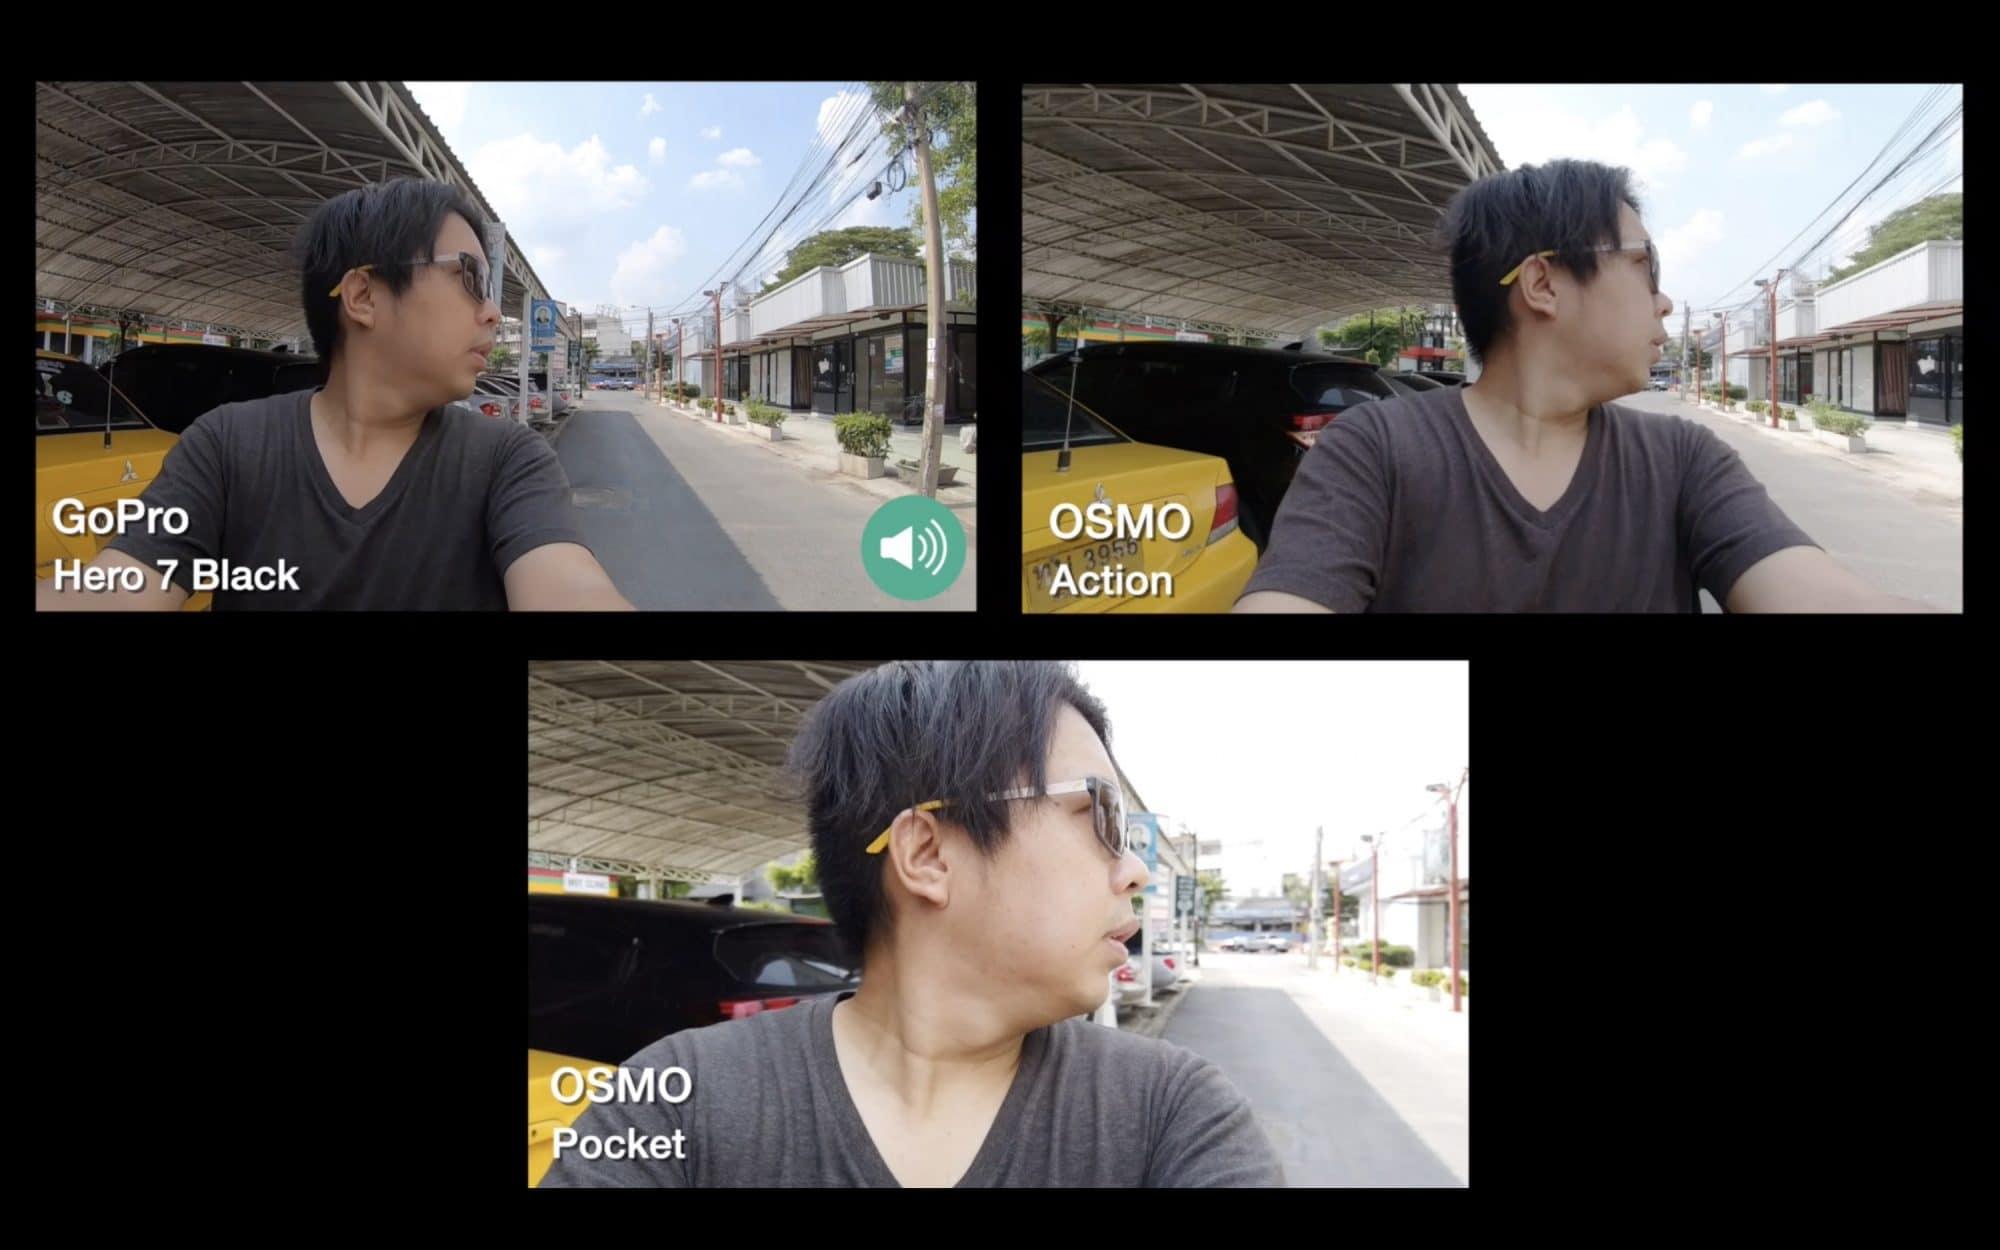 รีวิว osmo action เทียบกับ gopro 7 และ osmo pocket - รีวิว OSMO Action เทียบกับ GoPro 7 และ OSMO Pocket